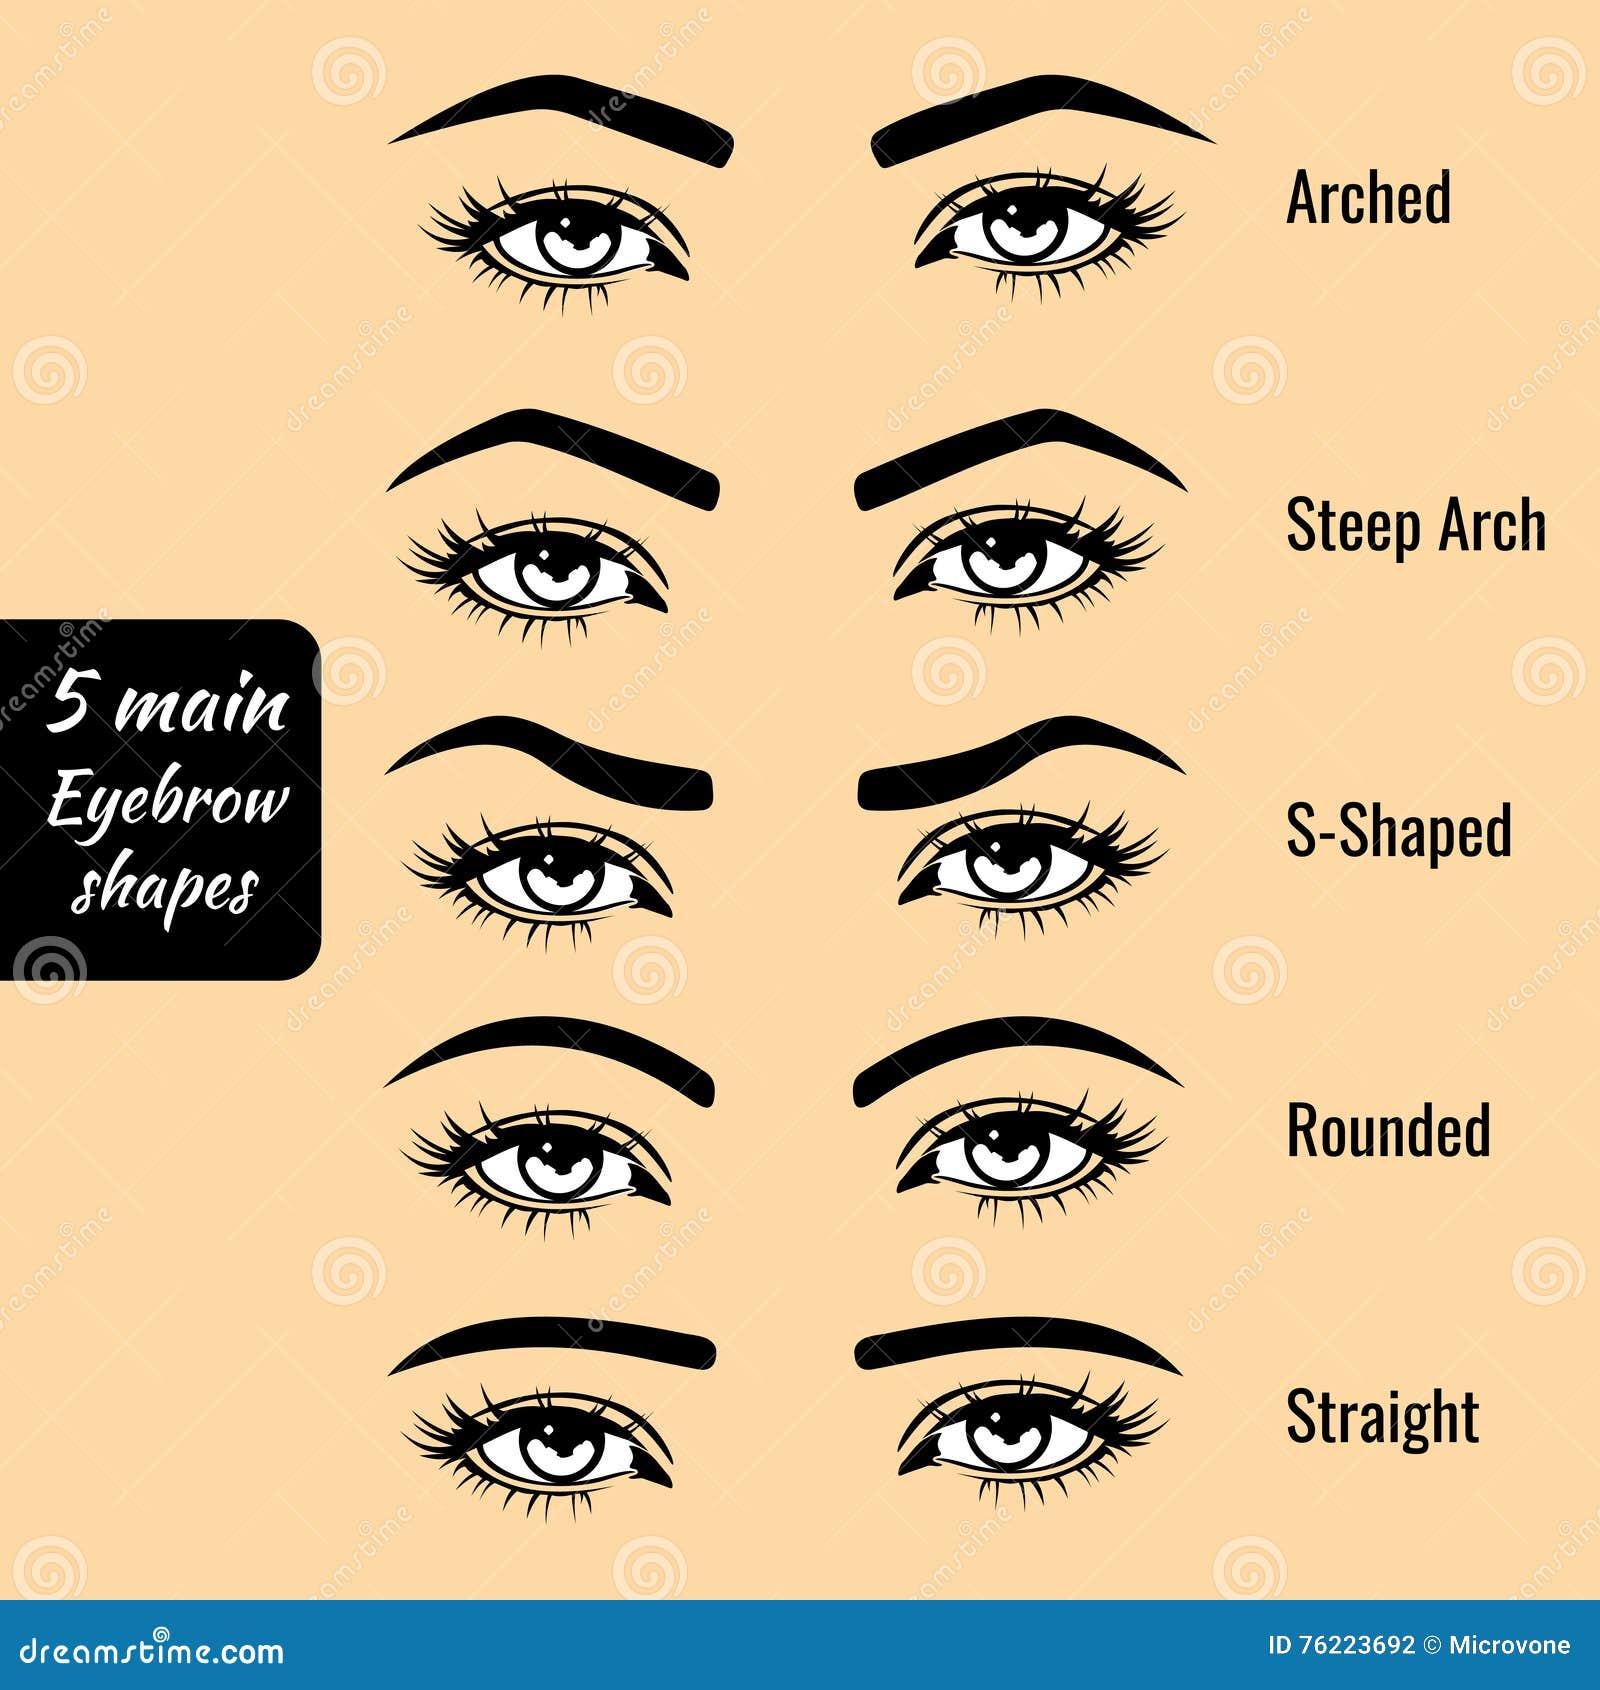 5 basic eyebrow shapes vector illustration. Black Bedroom Furniture Sets. Home Design Ideas